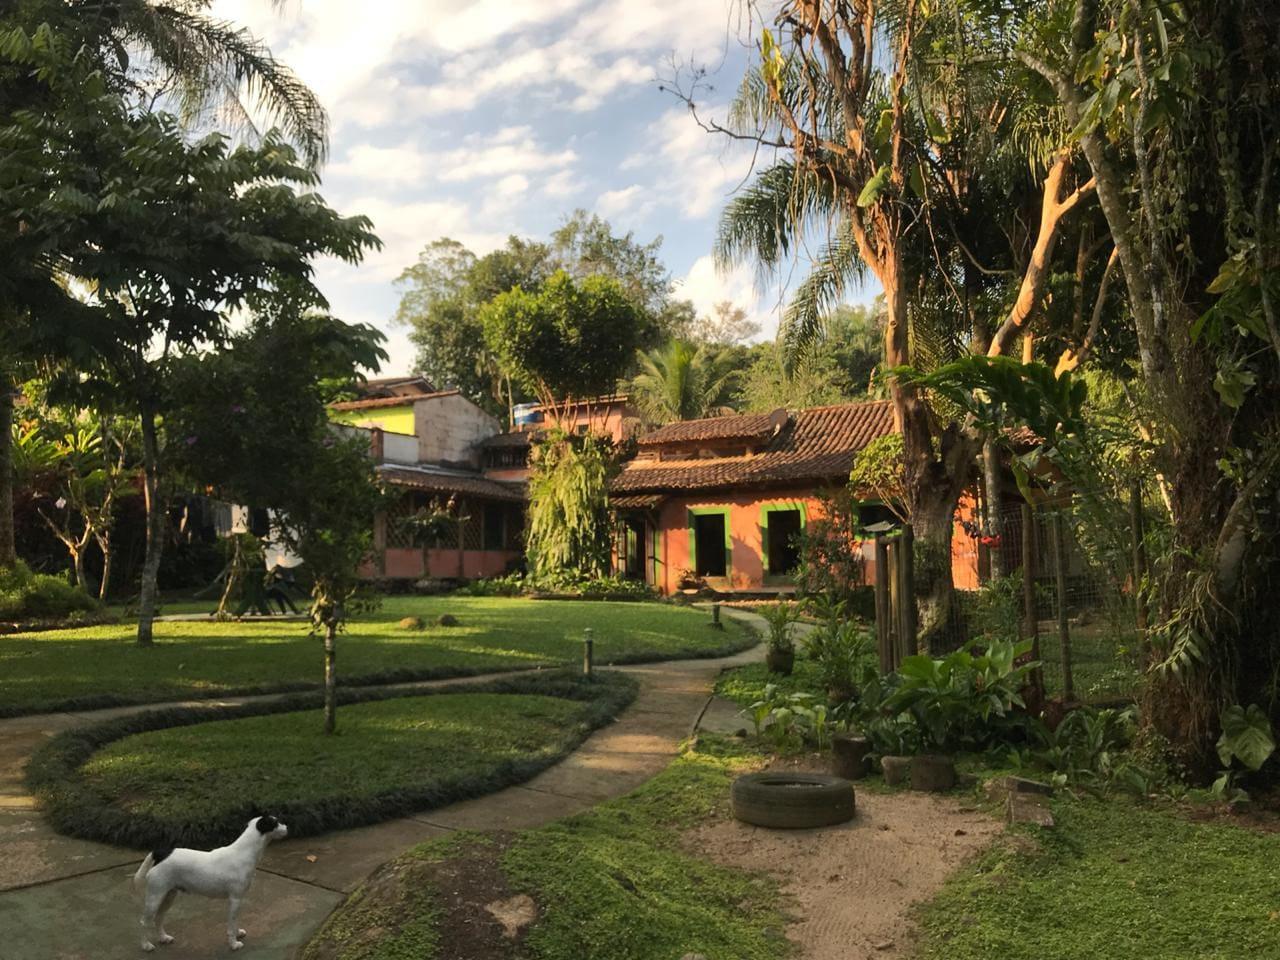 Casa com amplo jardim e cachoeira